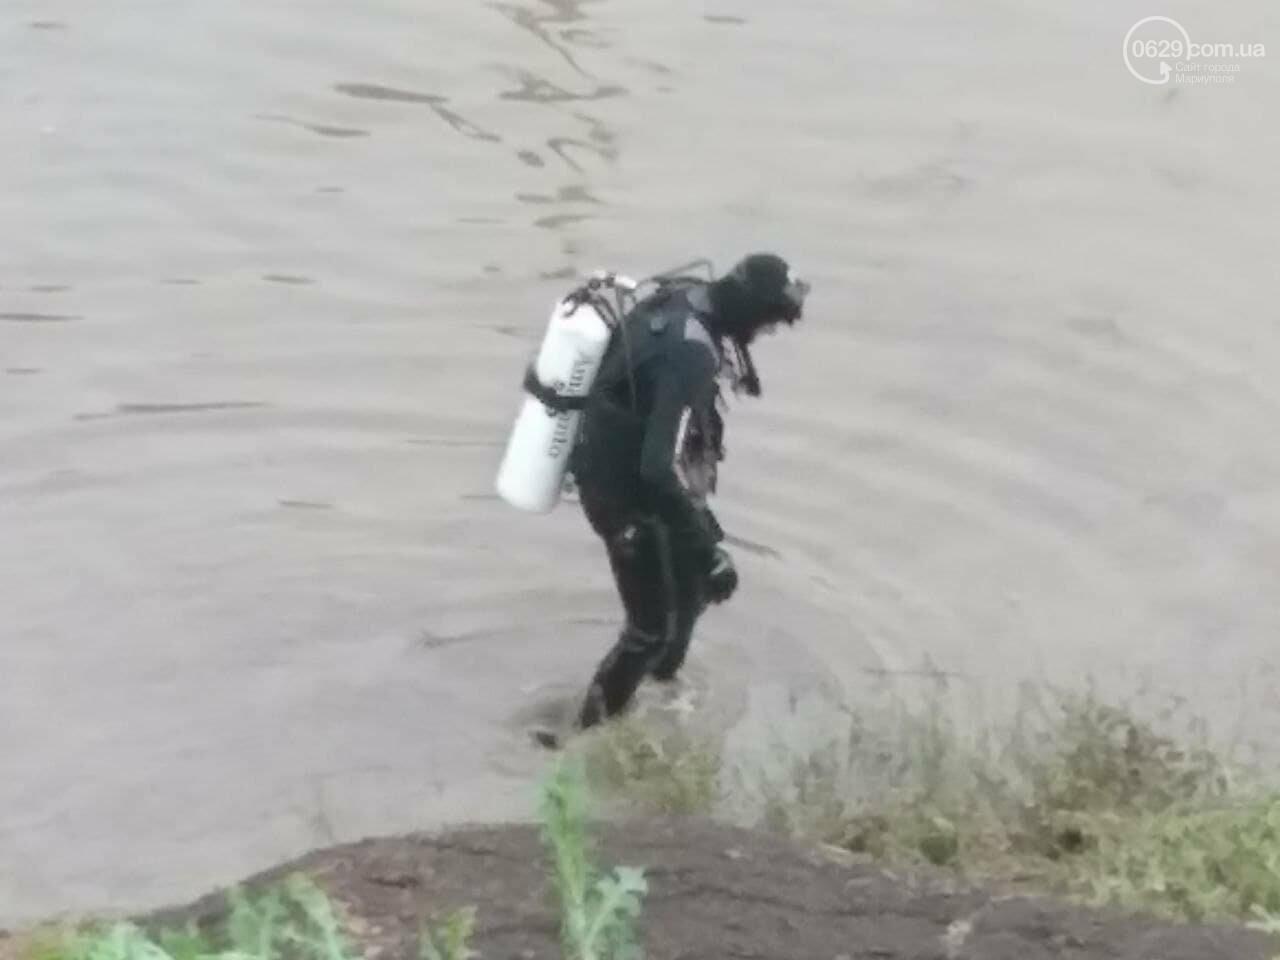 Потоп на улице Громовой. Водолазы опускаются на дно искусственного озера, - ФОТО, ВИДЕО, фото-10